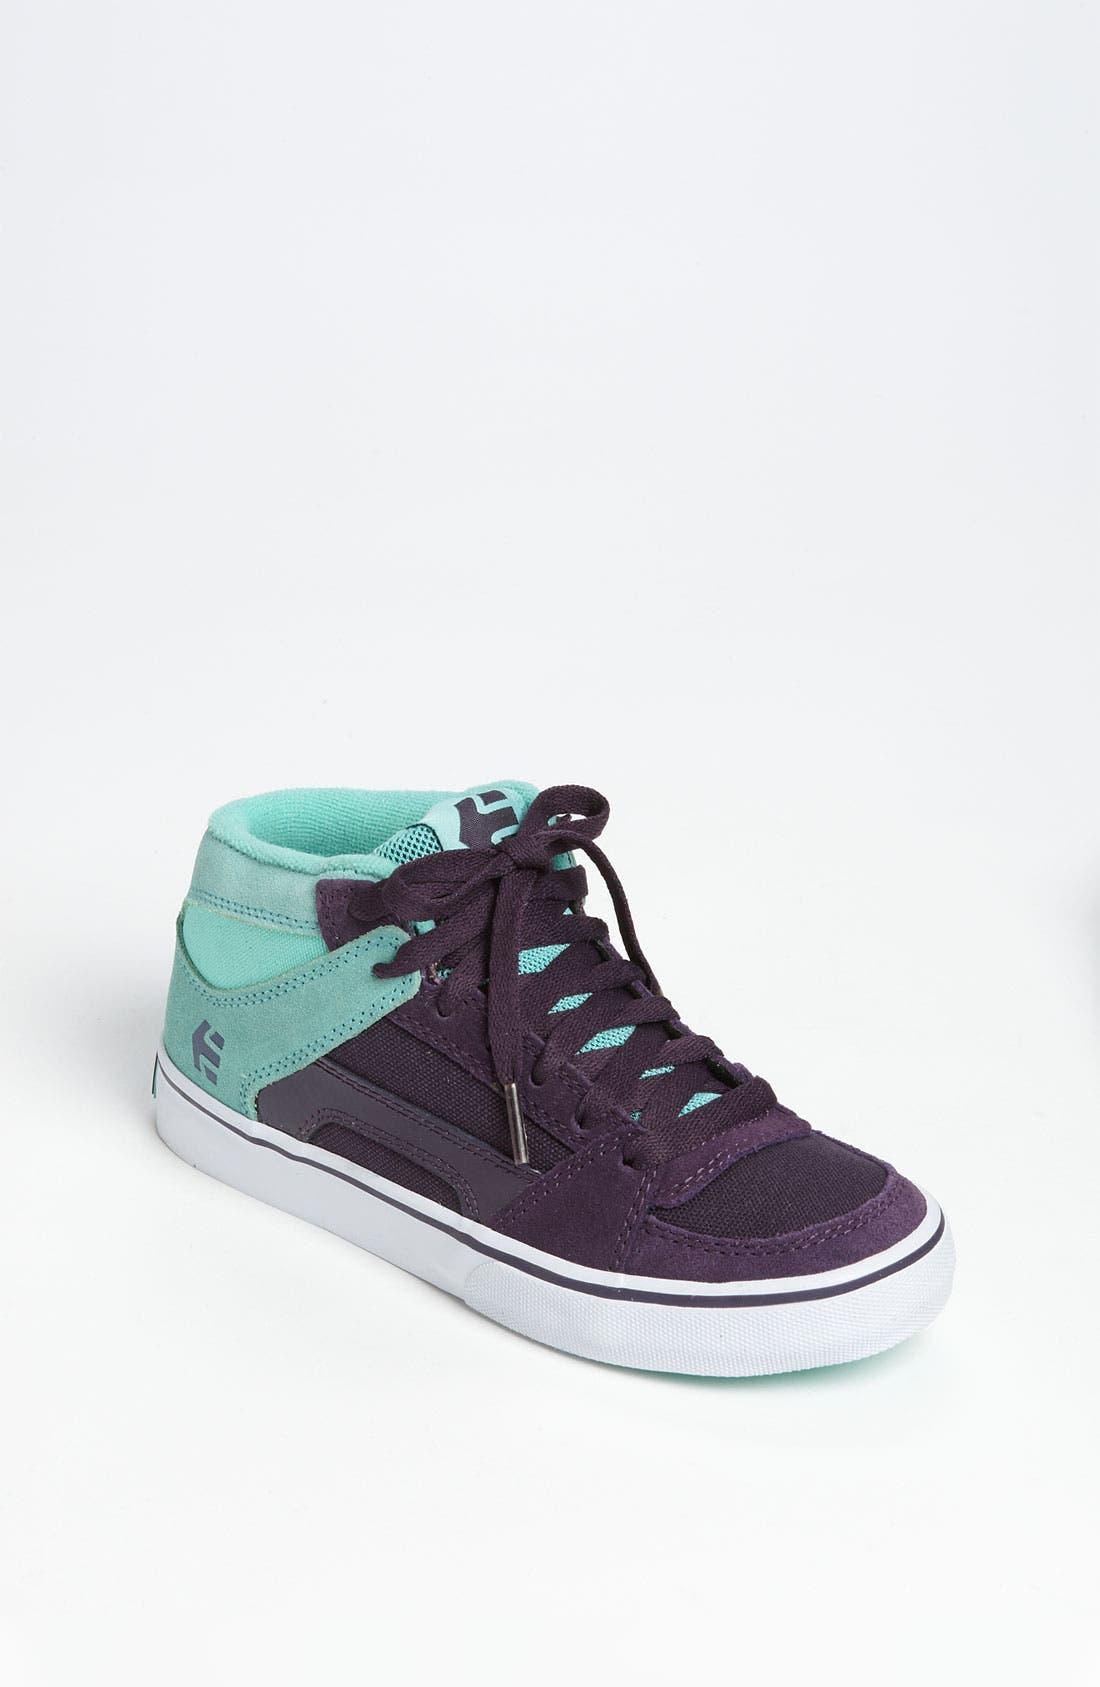 Alternate Image 1 Selected - Etnies 'RVM' Skate Shoe (Toddler, Little Kid & Big Kid)